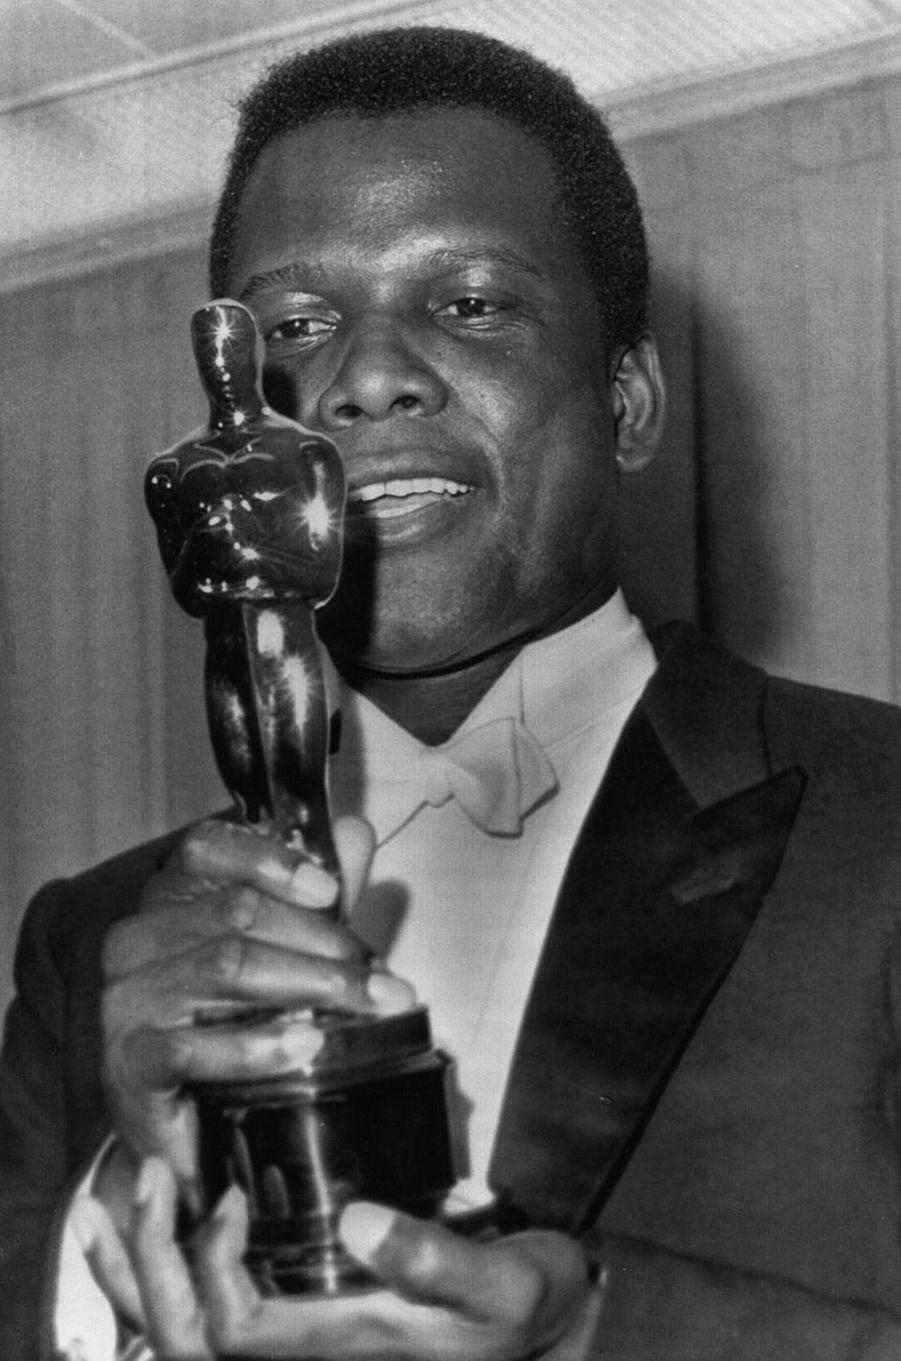 """36ème cérémonie des Oscars (1964)Sidney Poitier, pour son rôle dans """"Le Lys des Champs"""", de Ralph Nelson, est le premier comédien noir à recevoir l'Oscar du meilleur acteur. Ce n'est que 38 ans plus tard qu'un autre acteur noir recevra cette même récompense : Denzel Washington pour """"Training Day"""" en 2001.(Photo : Sidney Poitier admire son Oscar en 1964)"""